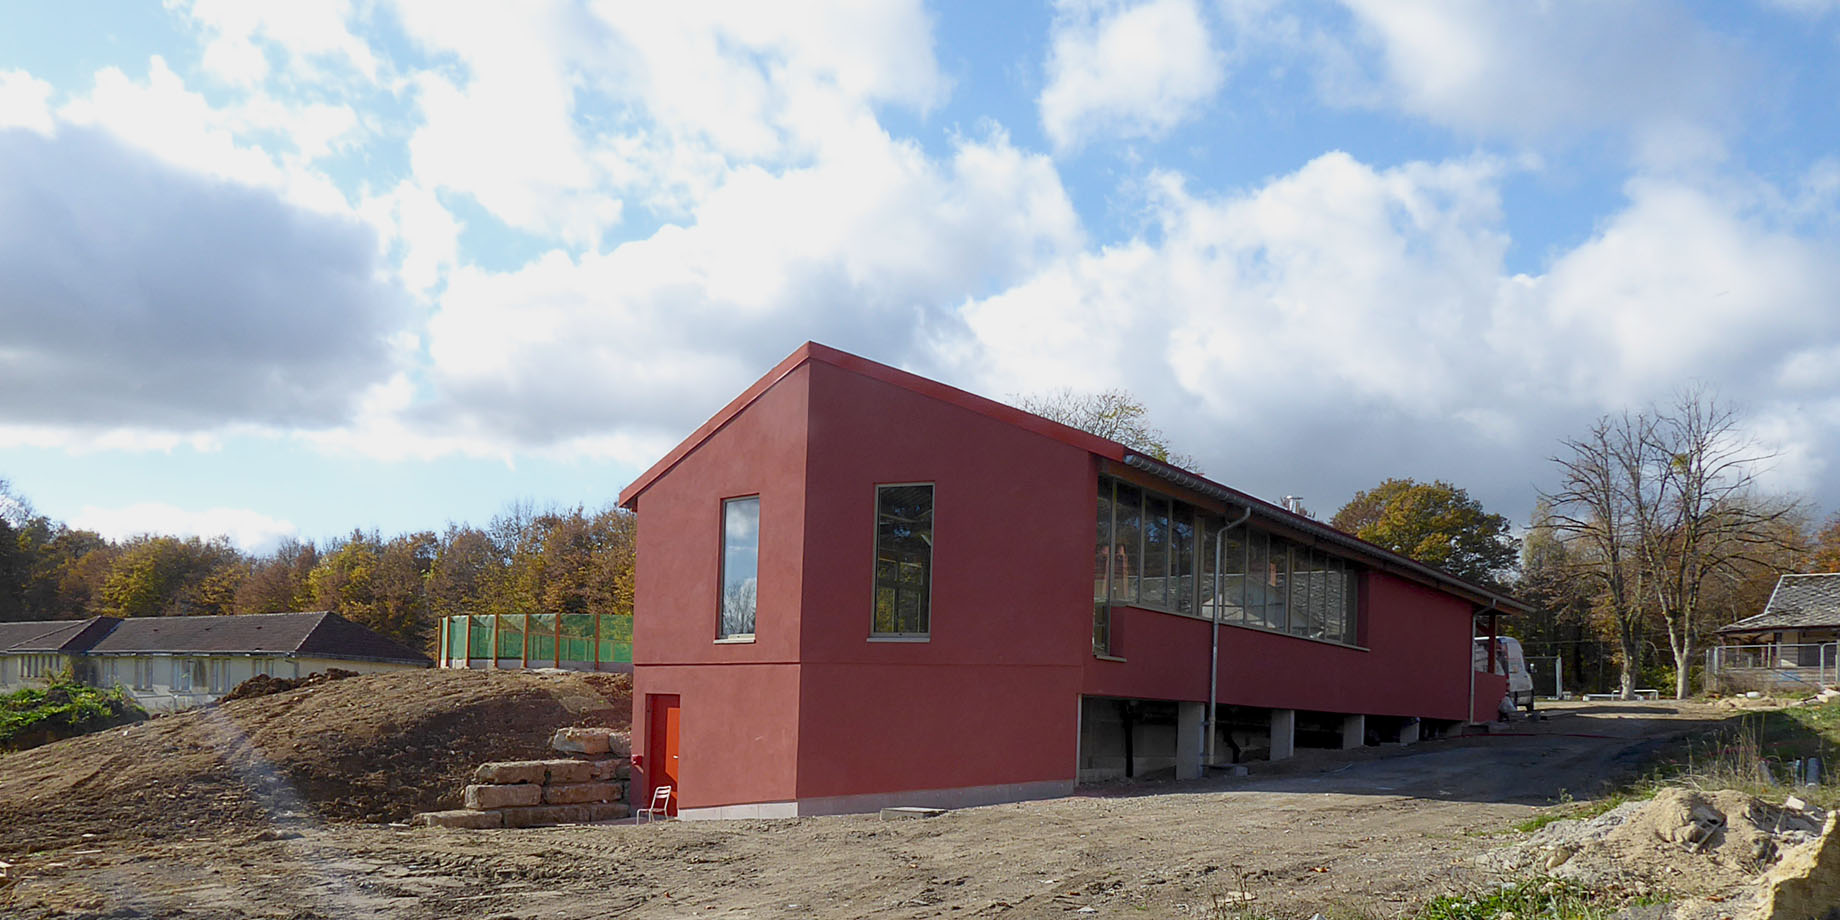 maskarade-architecture-erp-communaute-communes-piscine-camping-2016-1840-soleil